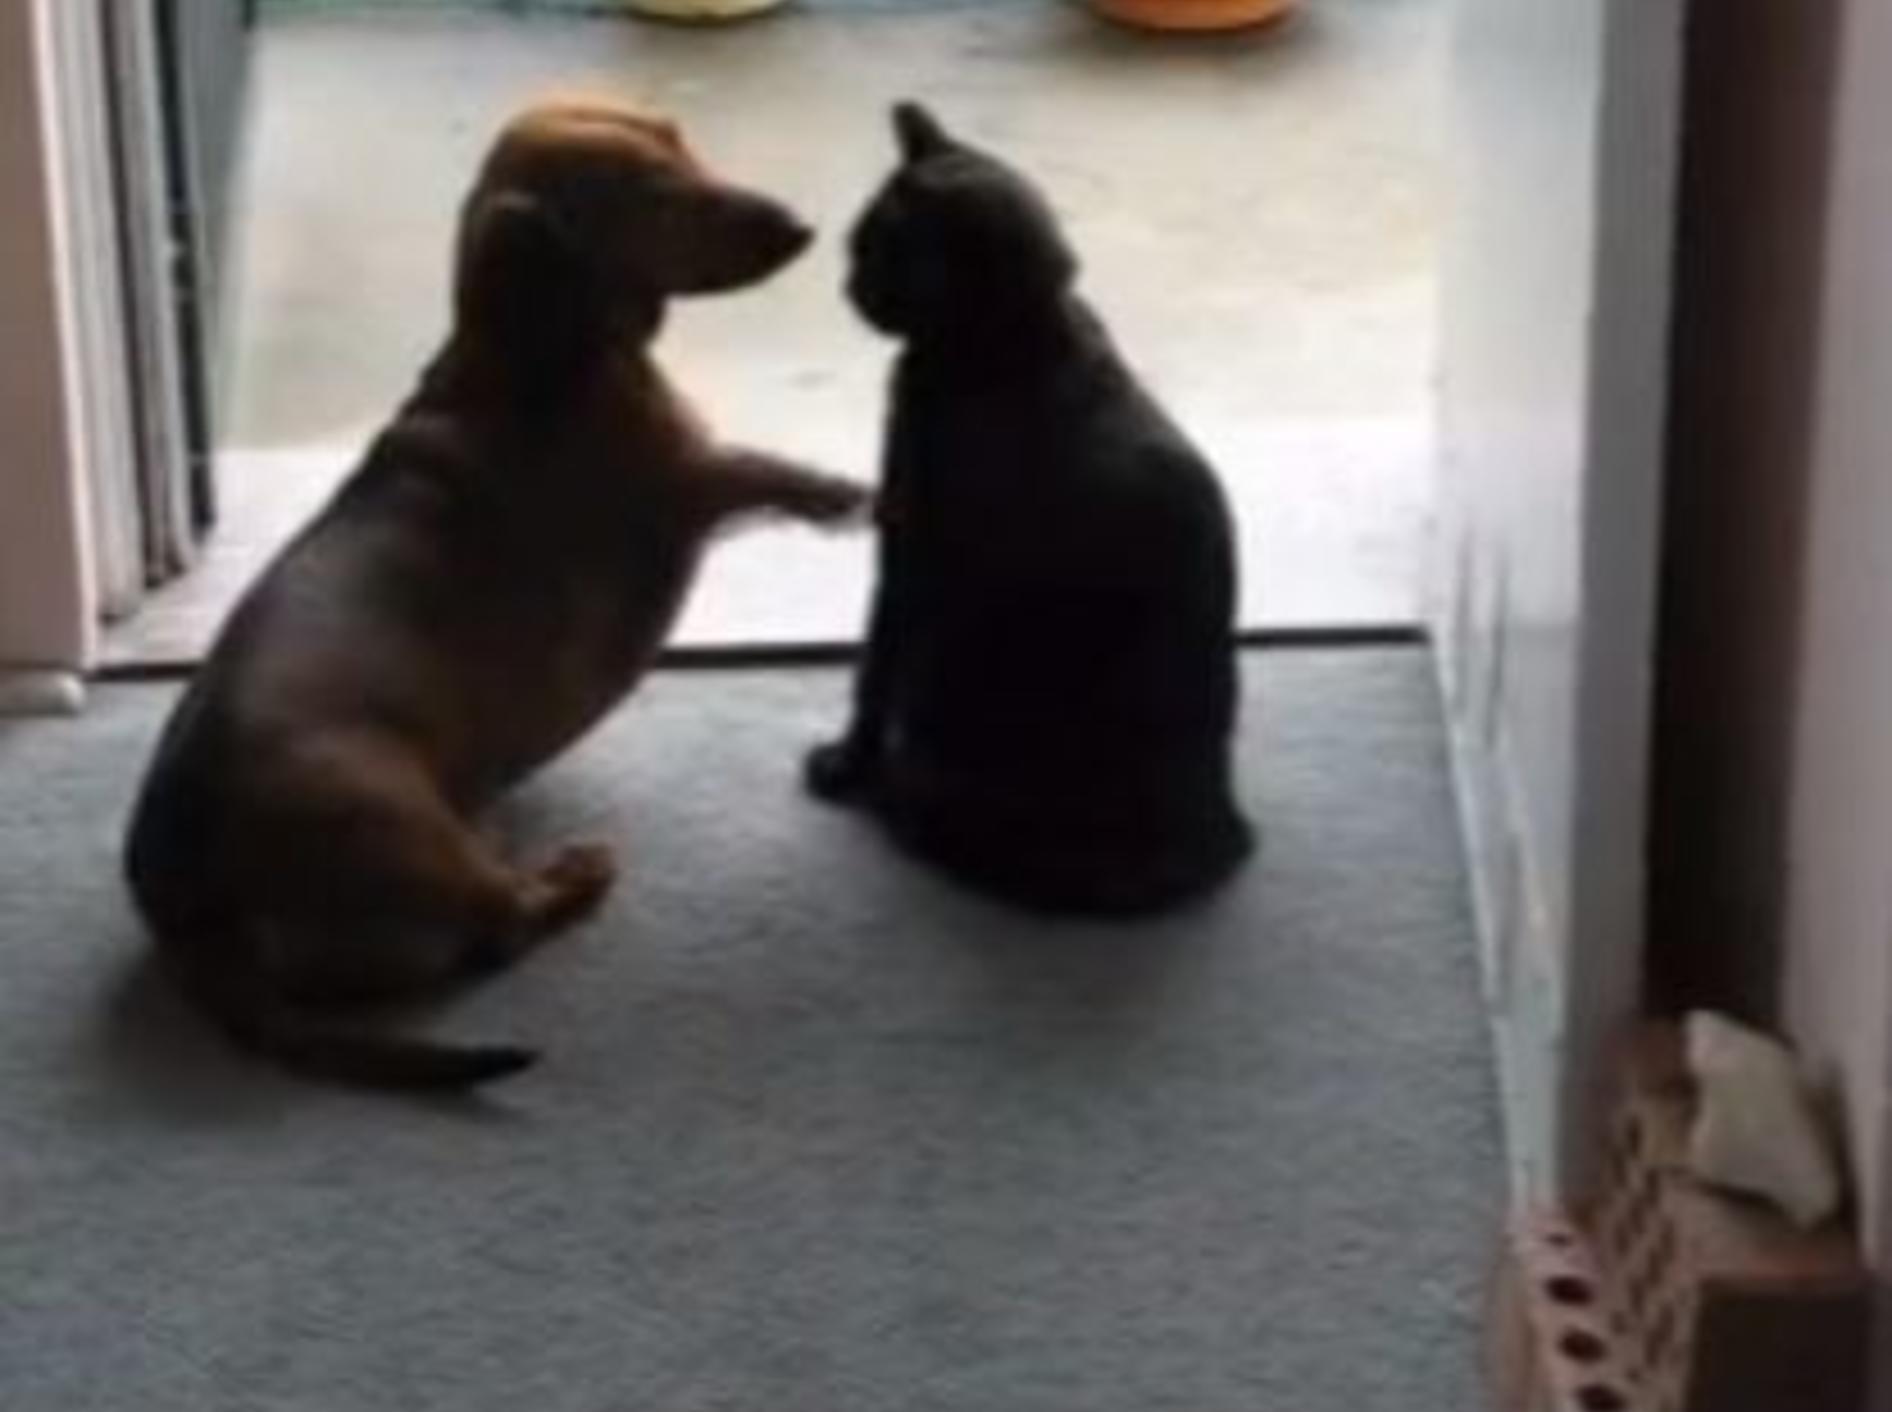 Verspielter Dackel trifft auf strenge Katze: Nein heißt Nein! — Bild: Youtube / Iain1957